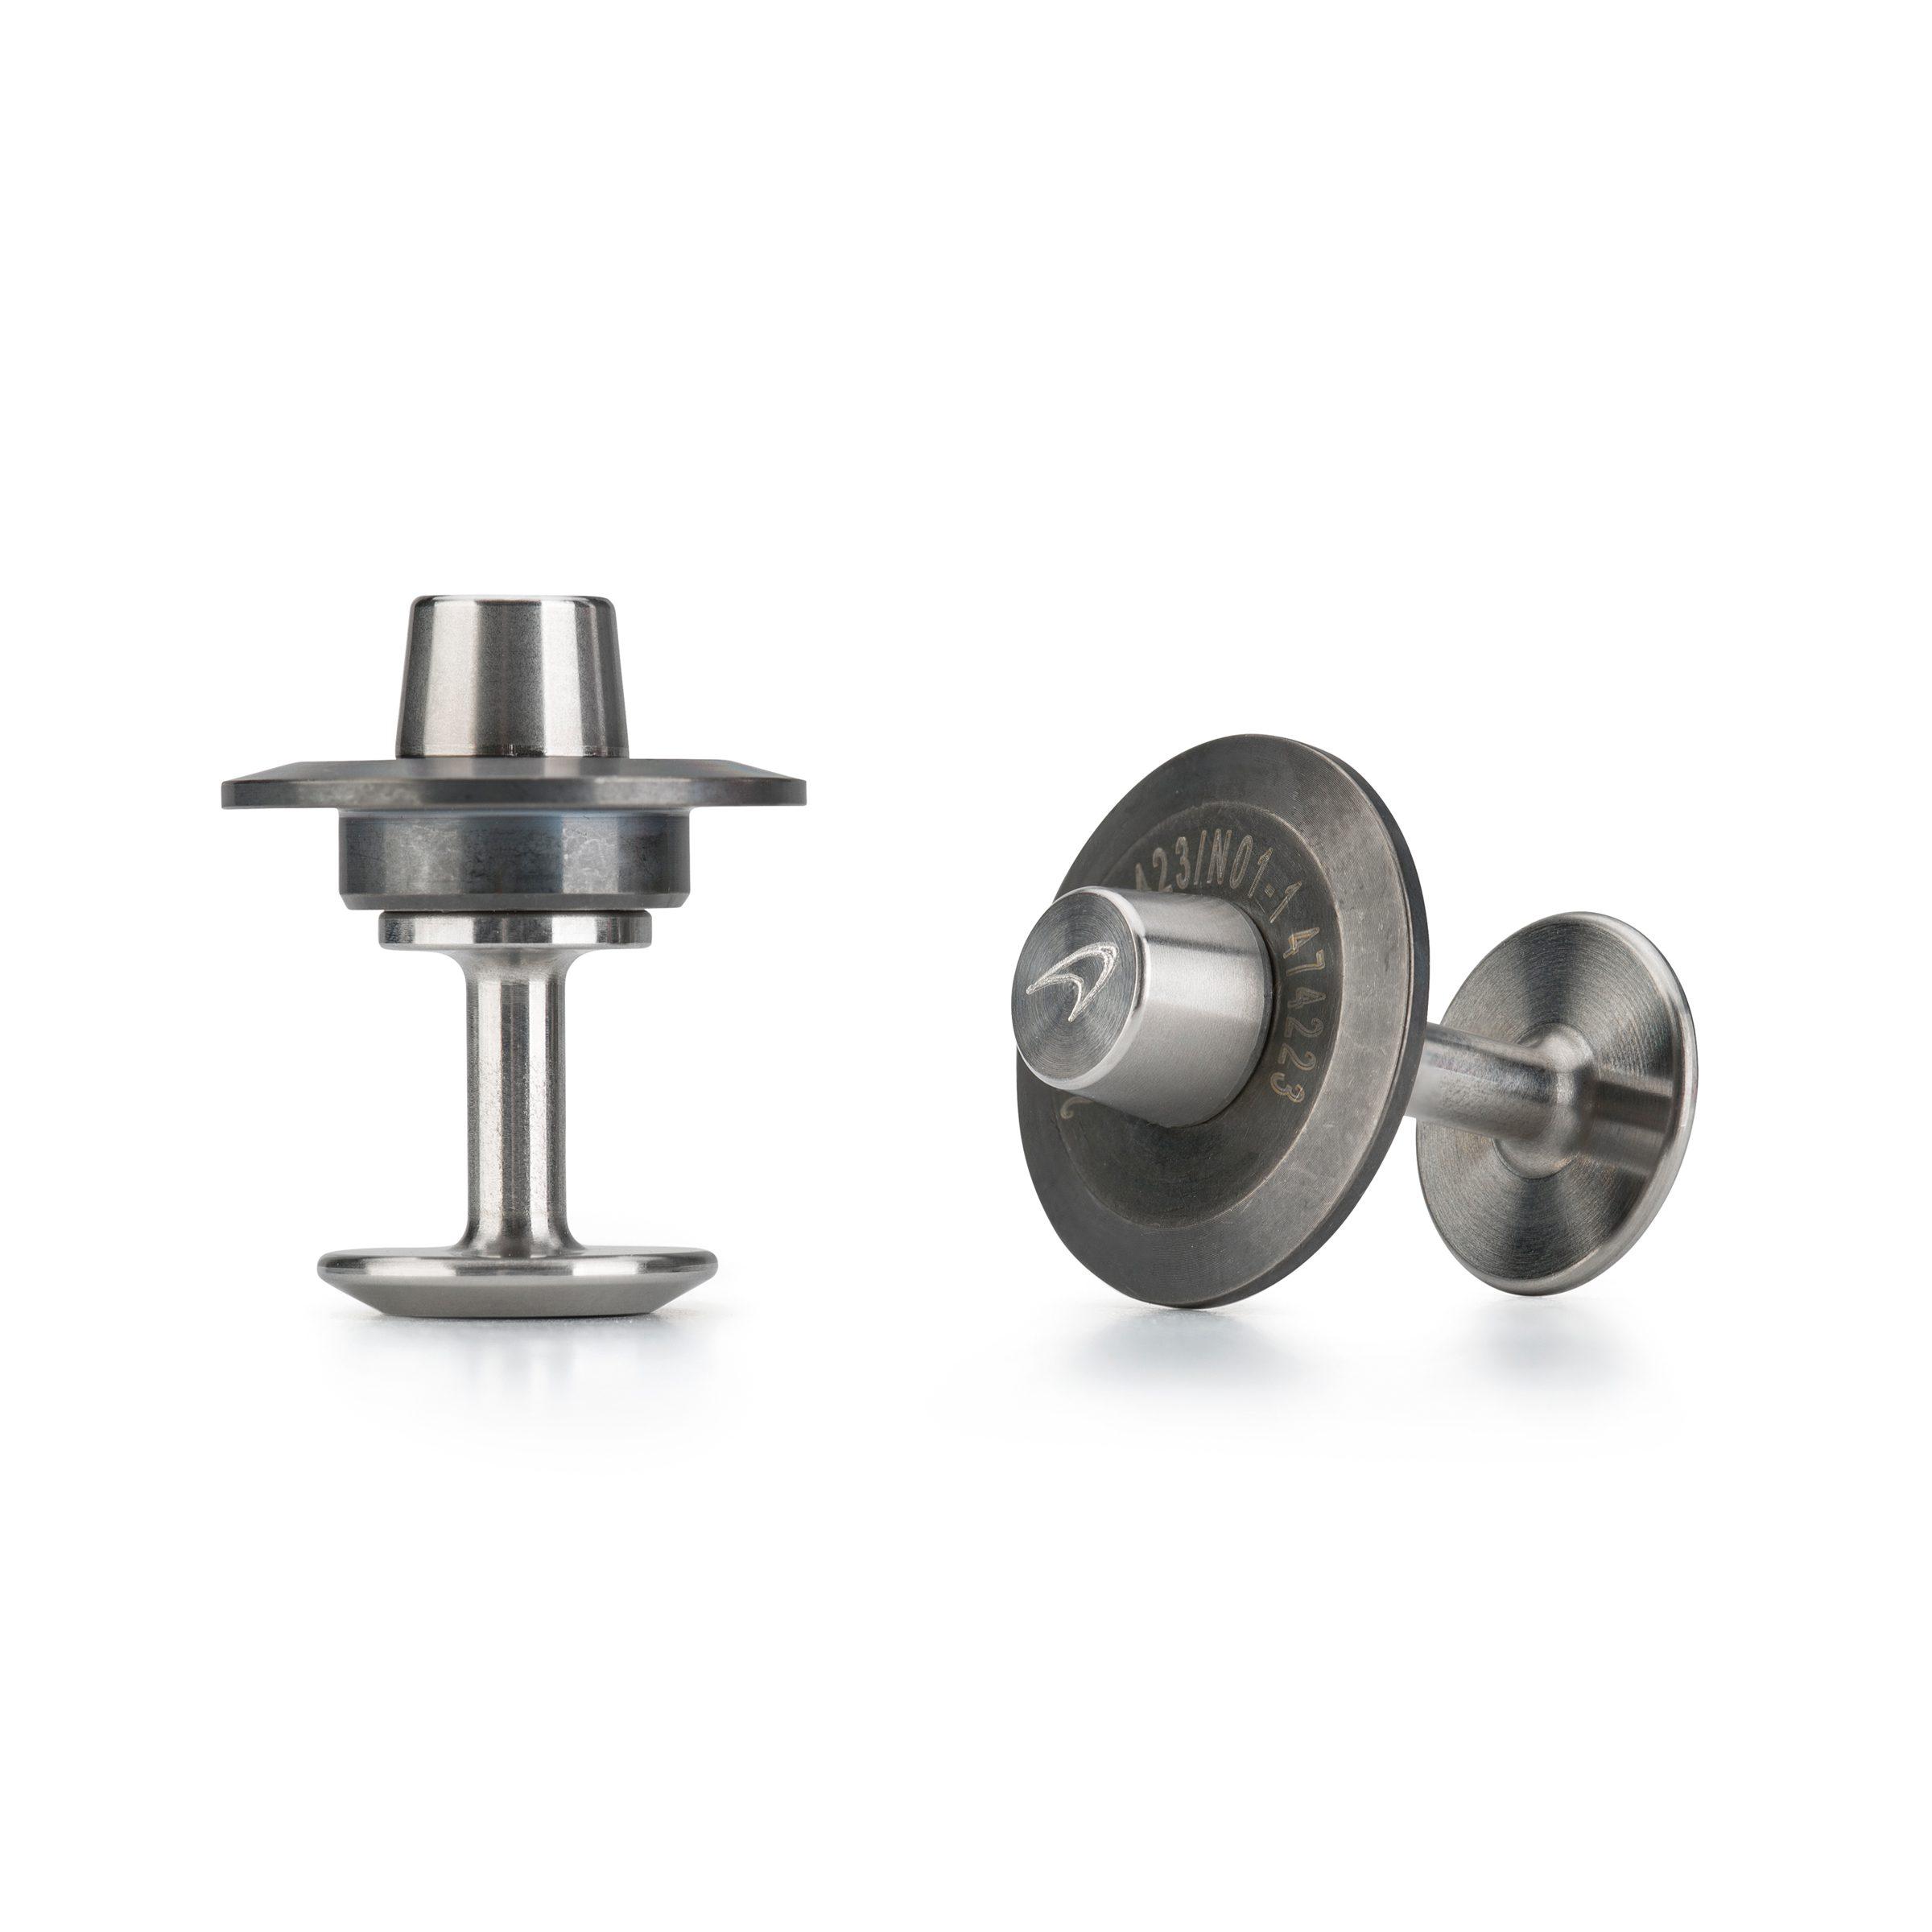 Steel-cufflinks_McLaren-cufflinks_Alice-made-this_M2.jpg